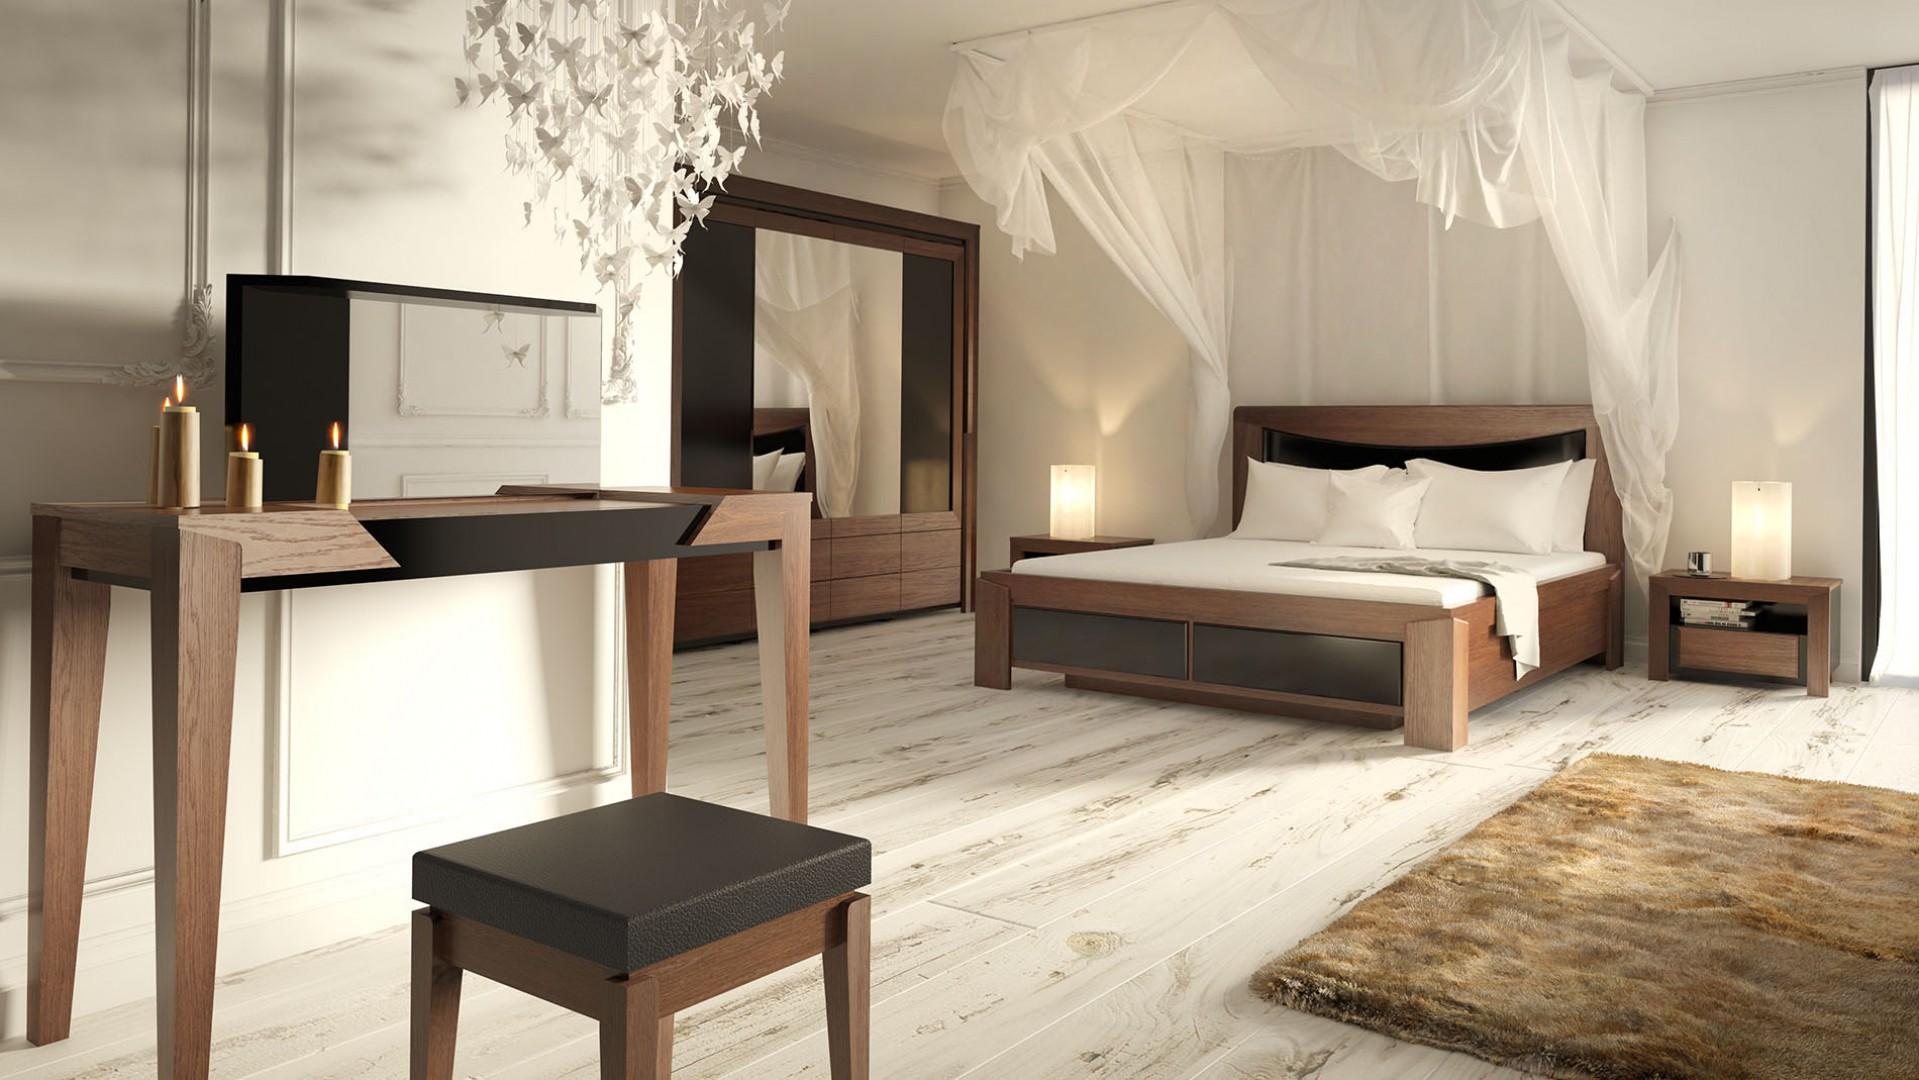 Sypialnia Sempre - ciemne meble warto przełamać jasnymi dodatkami i kolorami ścian. Fot. Mebin